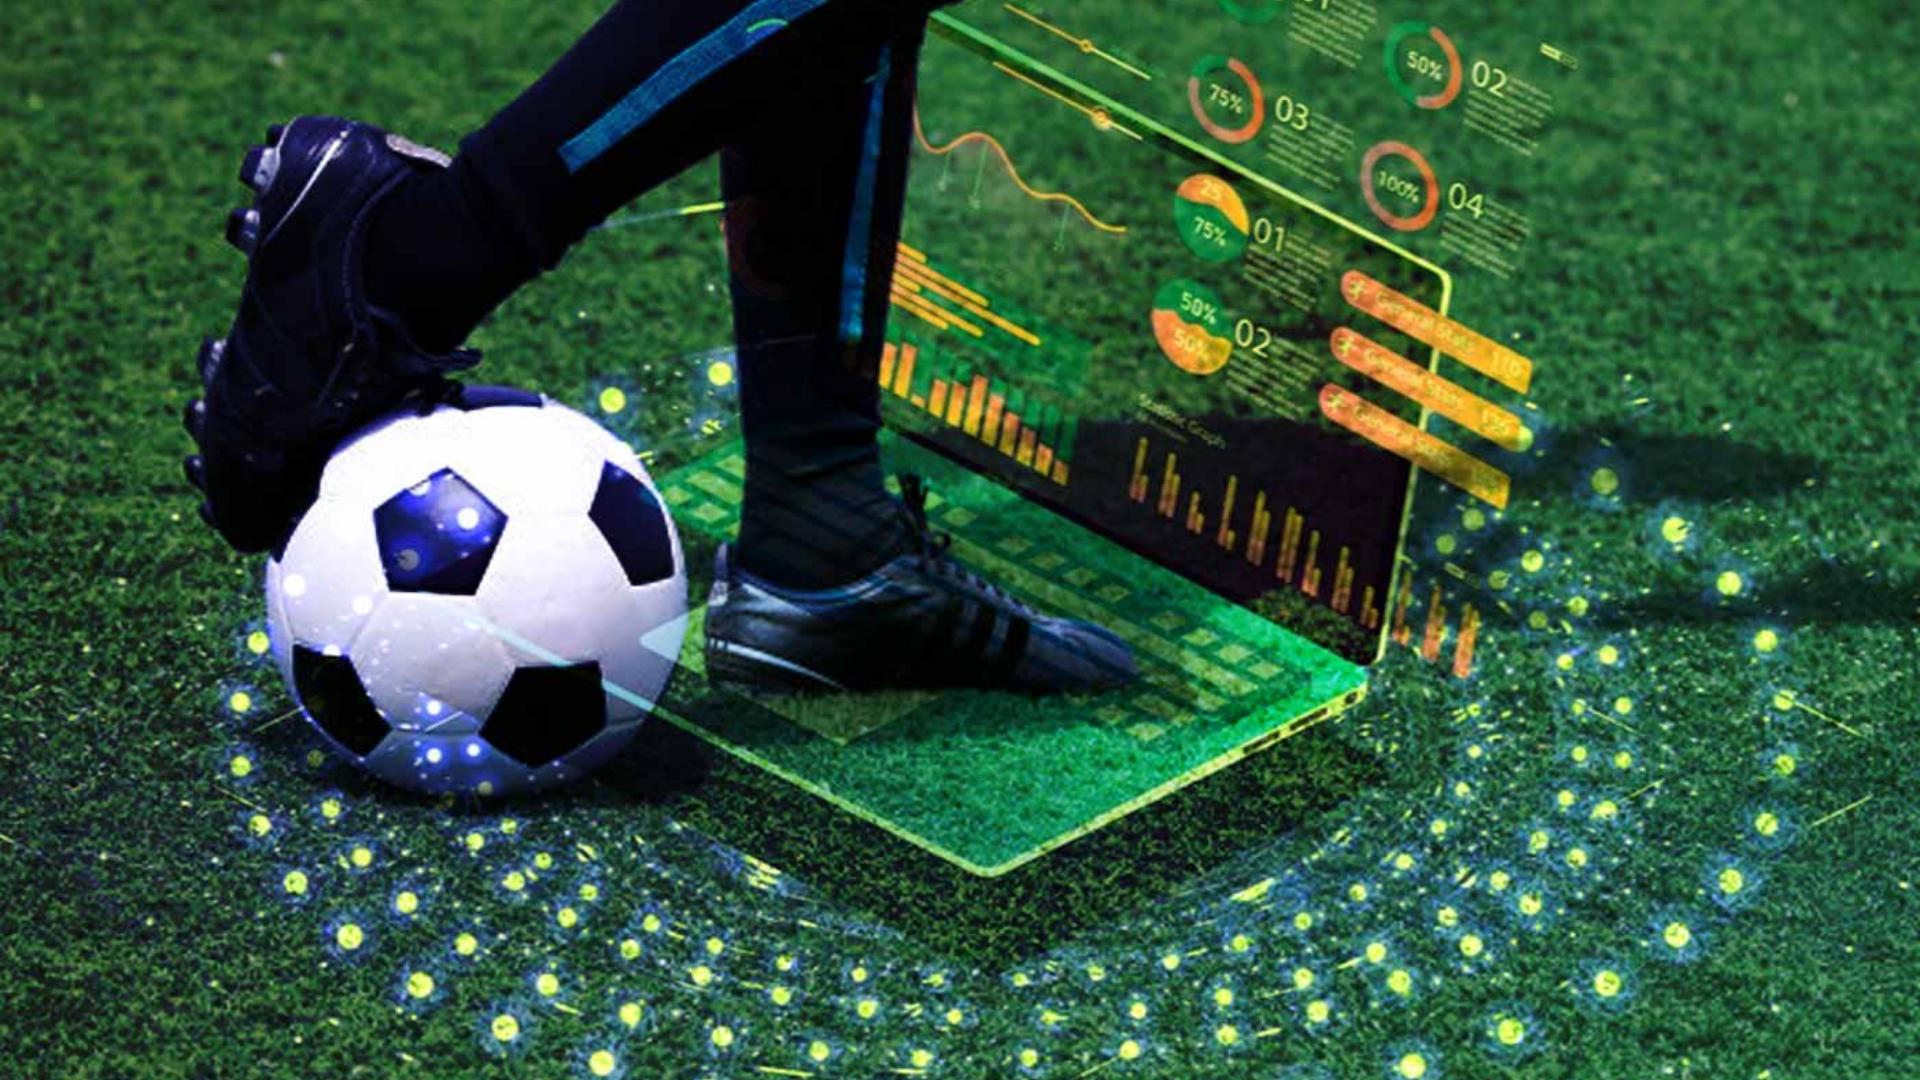 Futbol endüstirisi için kullanılan bir görsel.